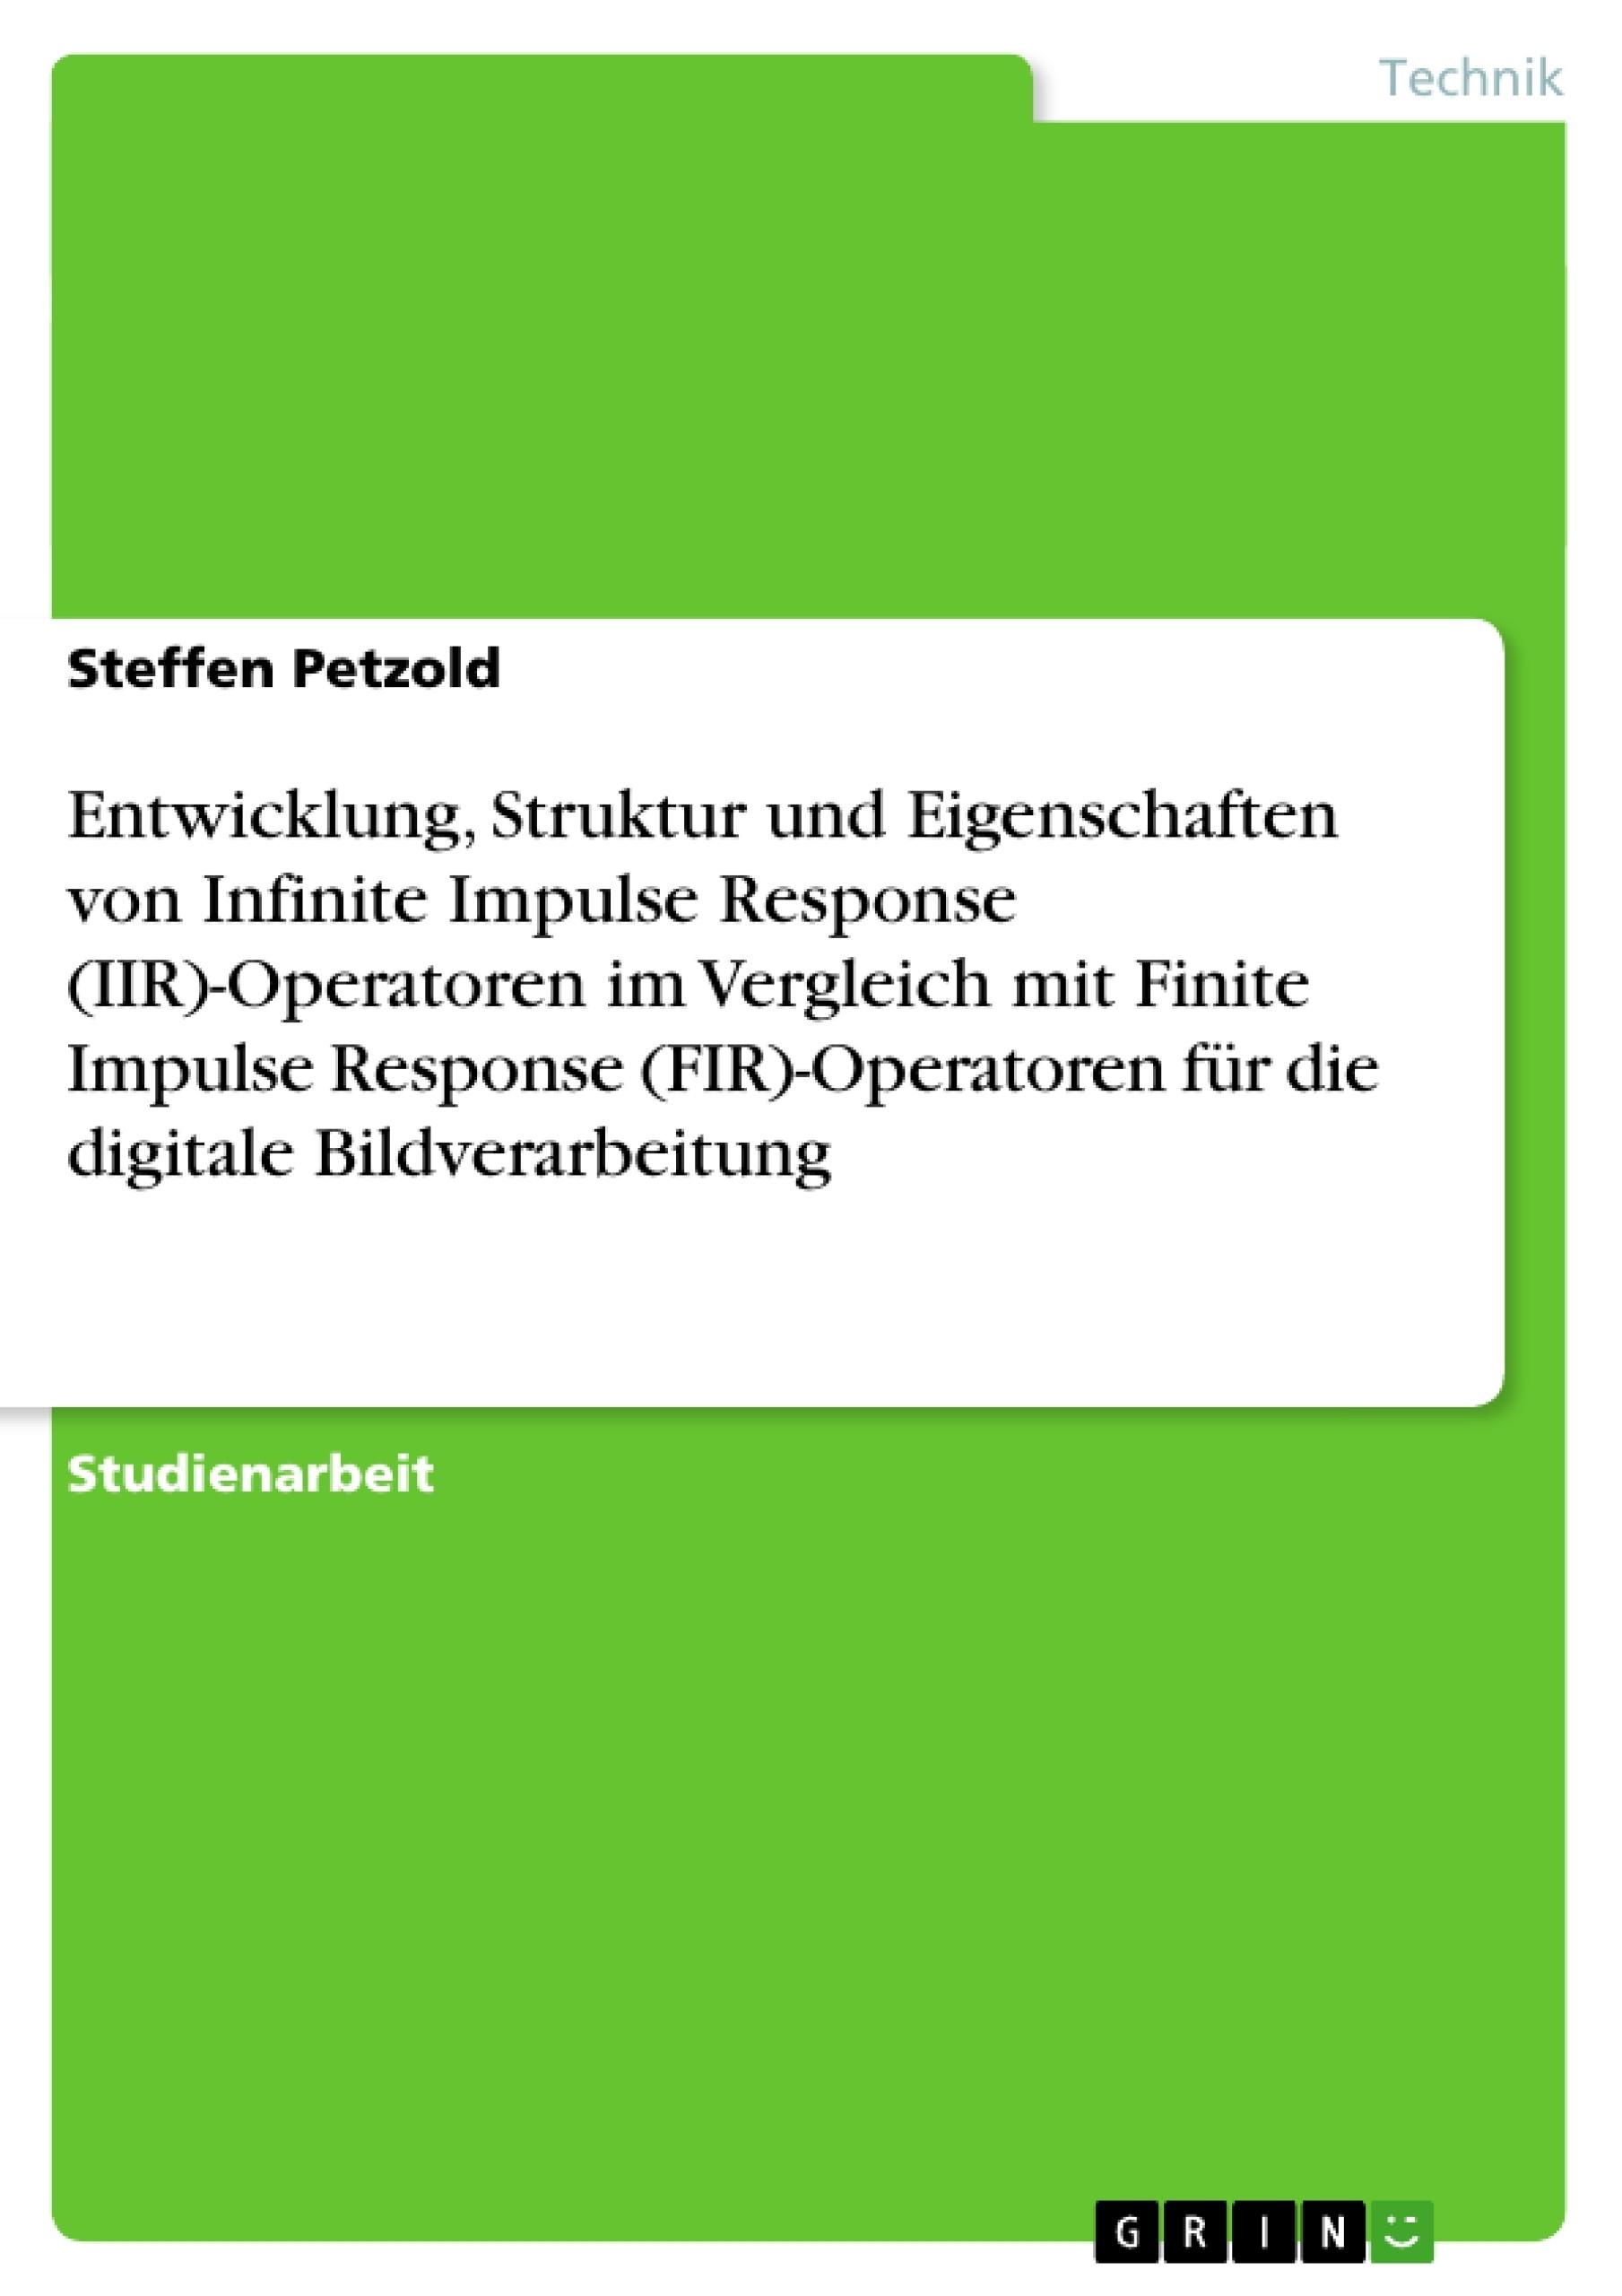 Titel: Entwicklung, Struktur und Eigenschaften von Infinite Impulse Response (IIR)-Operatoren im Vergleich mit Finite Impulse Response (FIR)-Operatoren für die digitale Bildverarbeitung